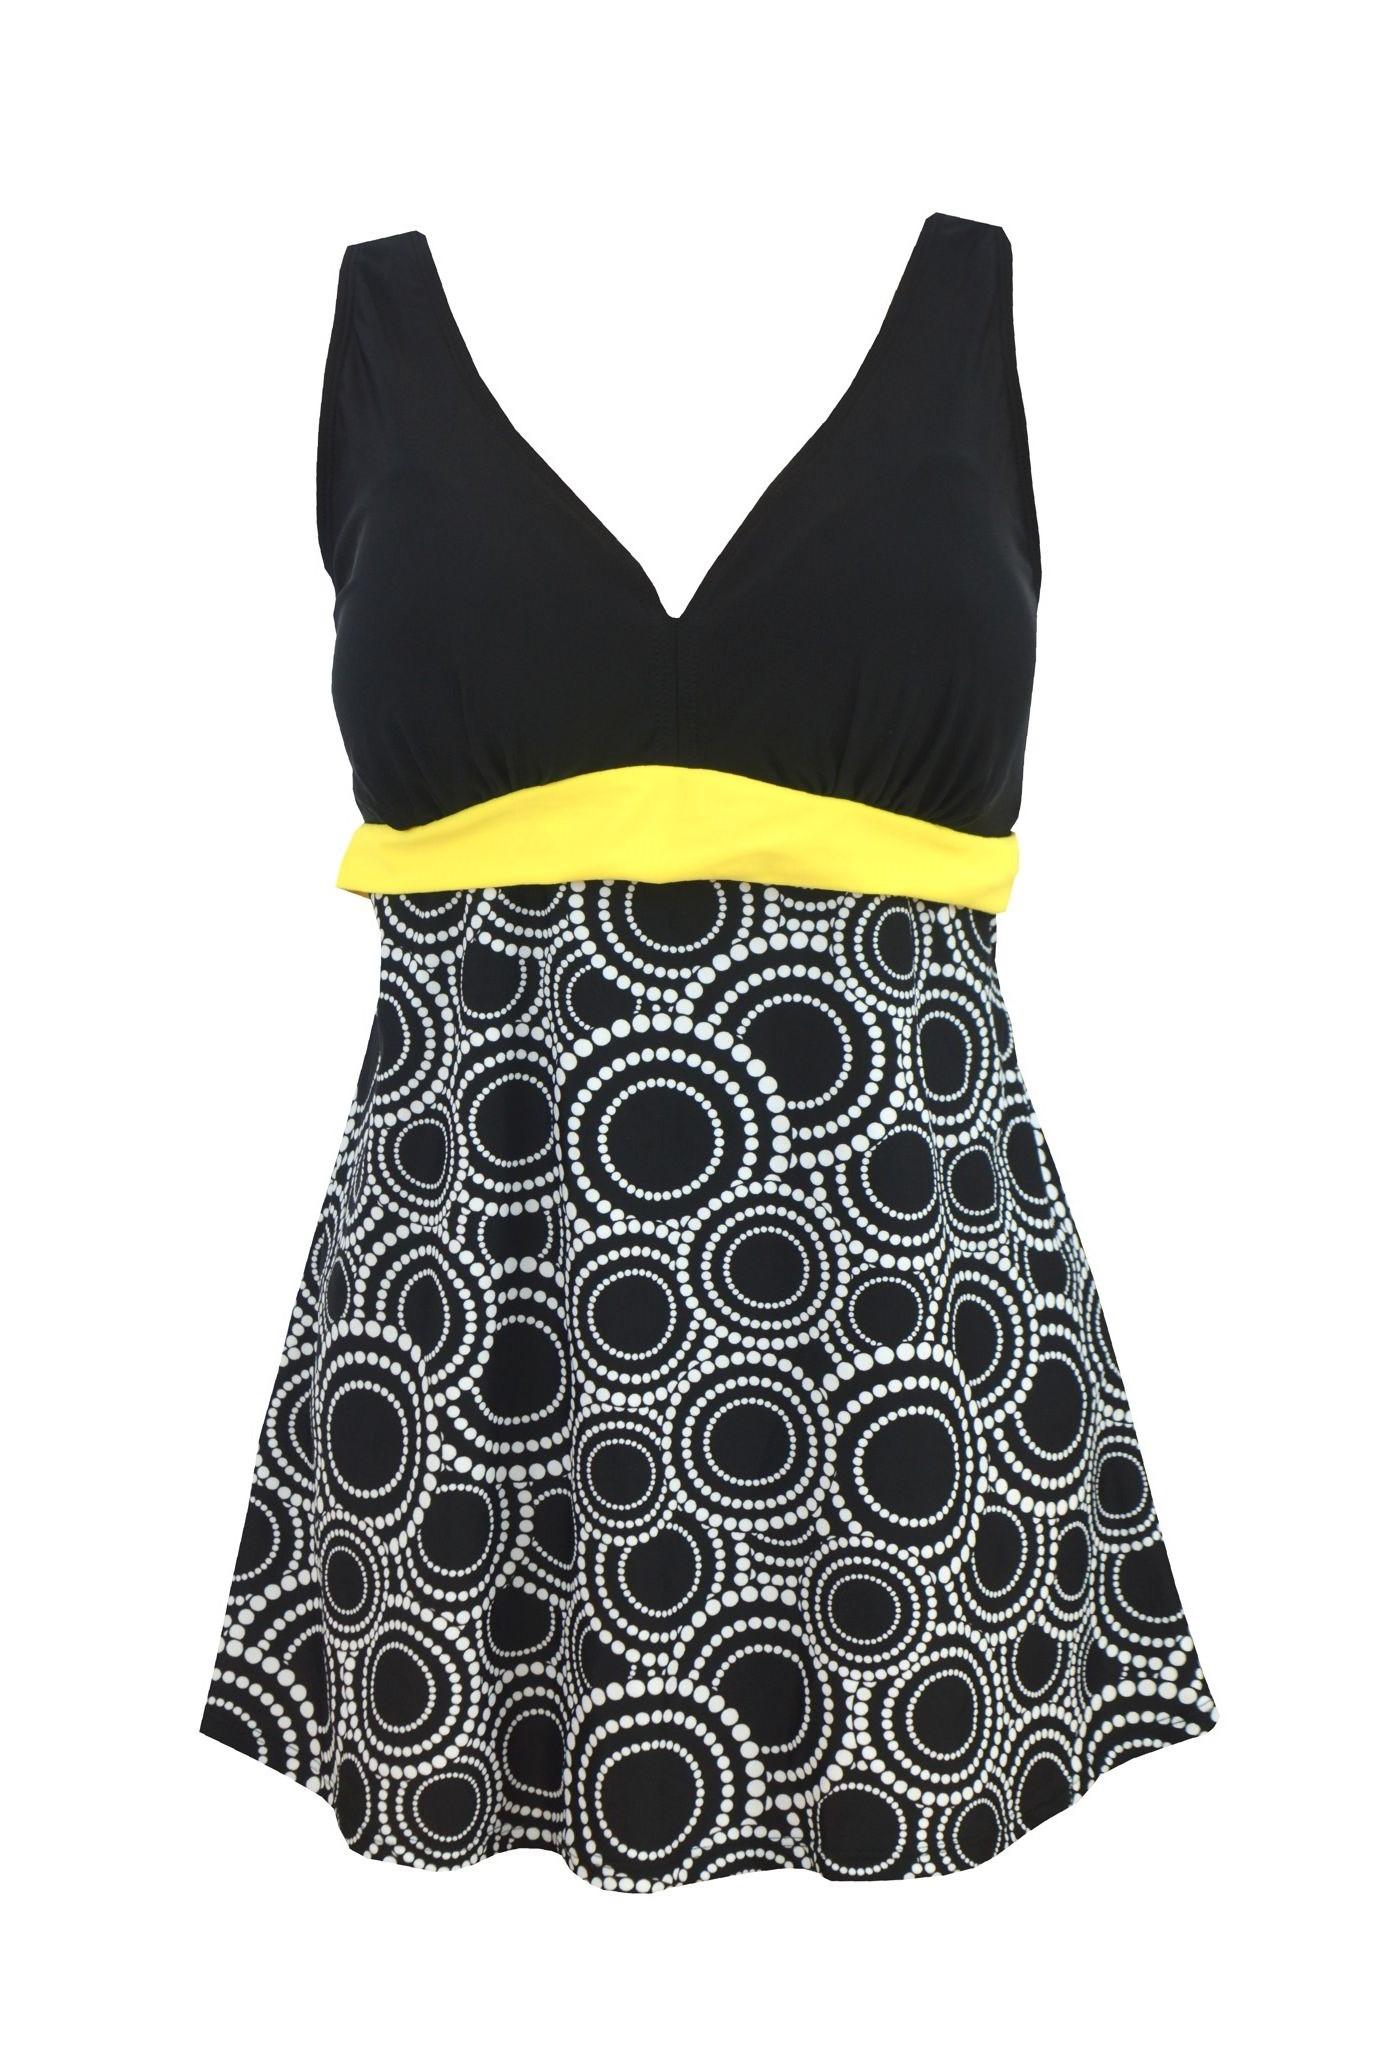 d0248f502f538a B2489 Sukienka kąpielowa plażowa -strój roz 52 - 7107389144 ...